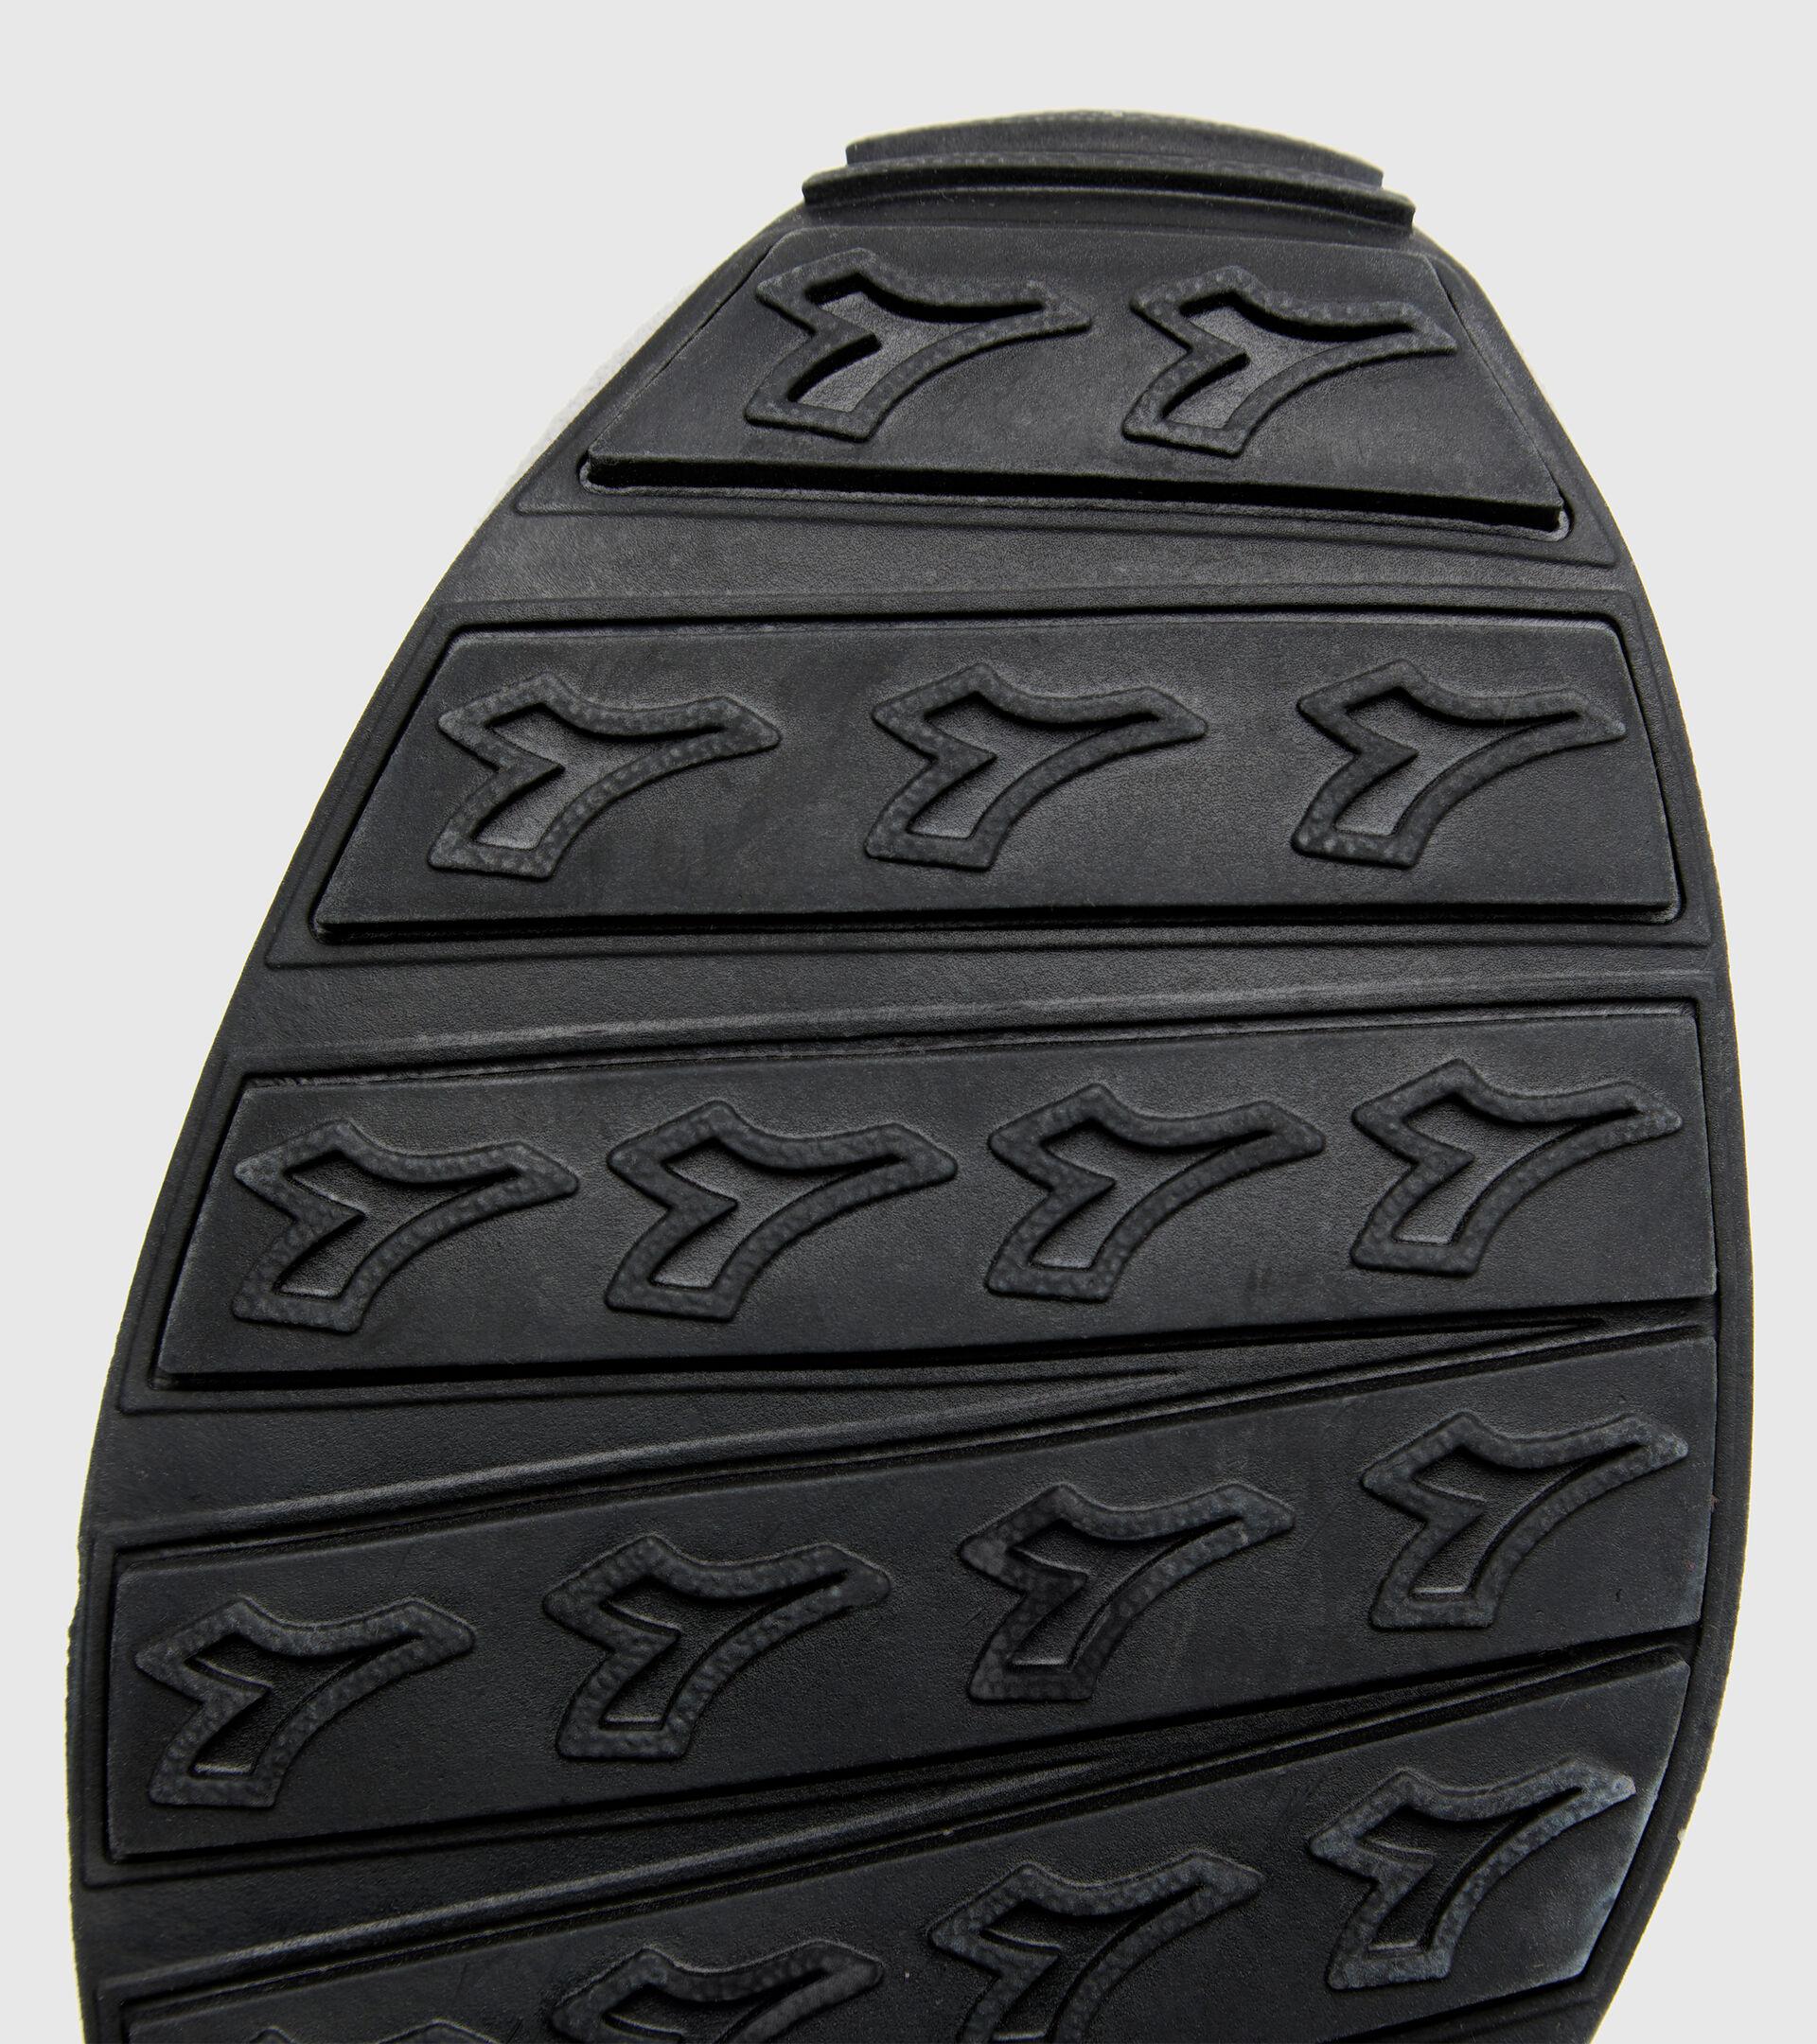 Zapatilla deportiva - Unisex CAMARO GRIS PEDERNAL - Diadora